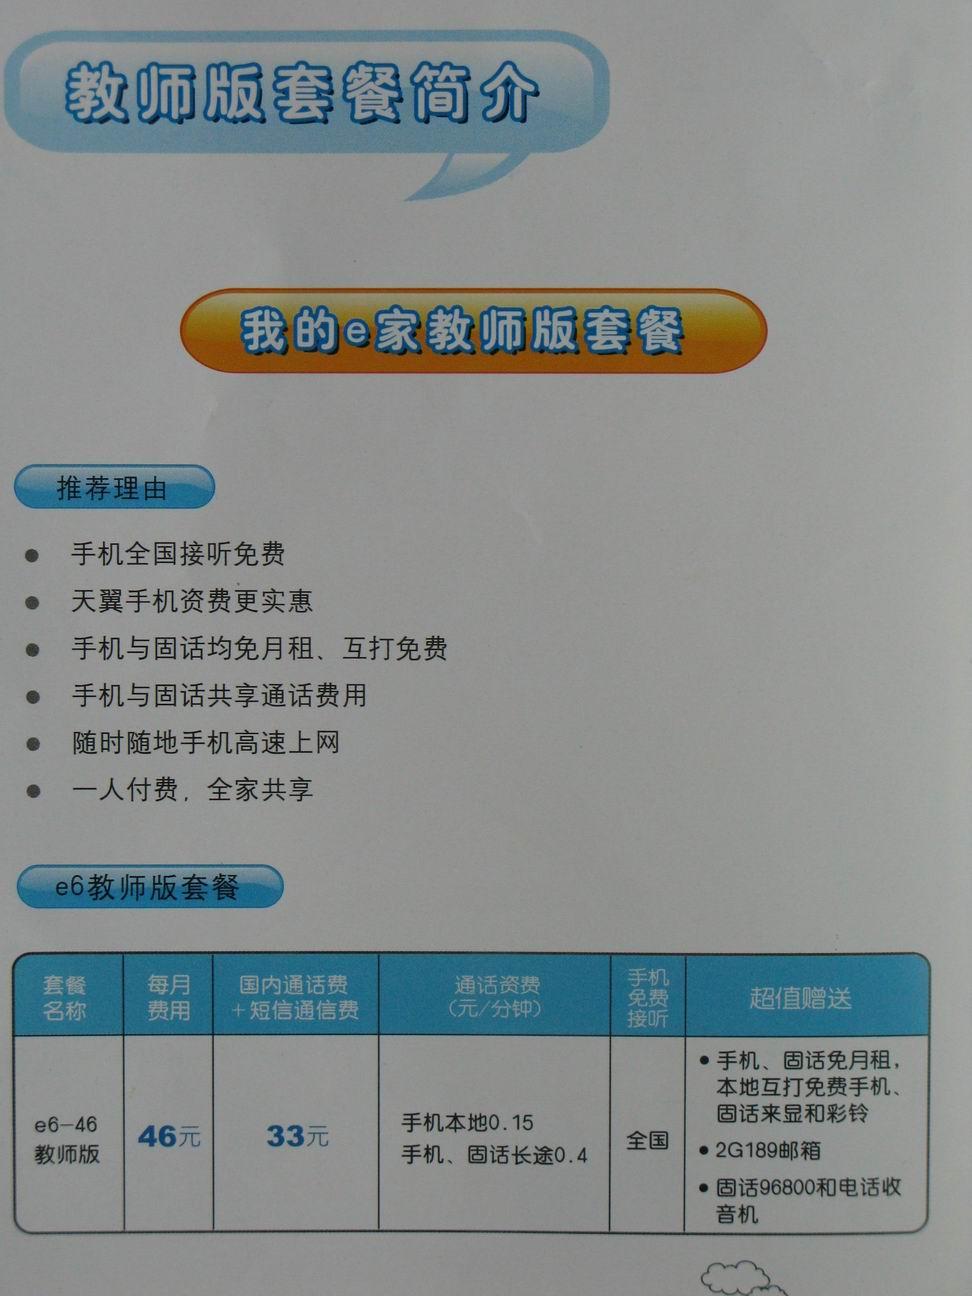 """关于办理""""中国电信我的e家教师版""""通知"""